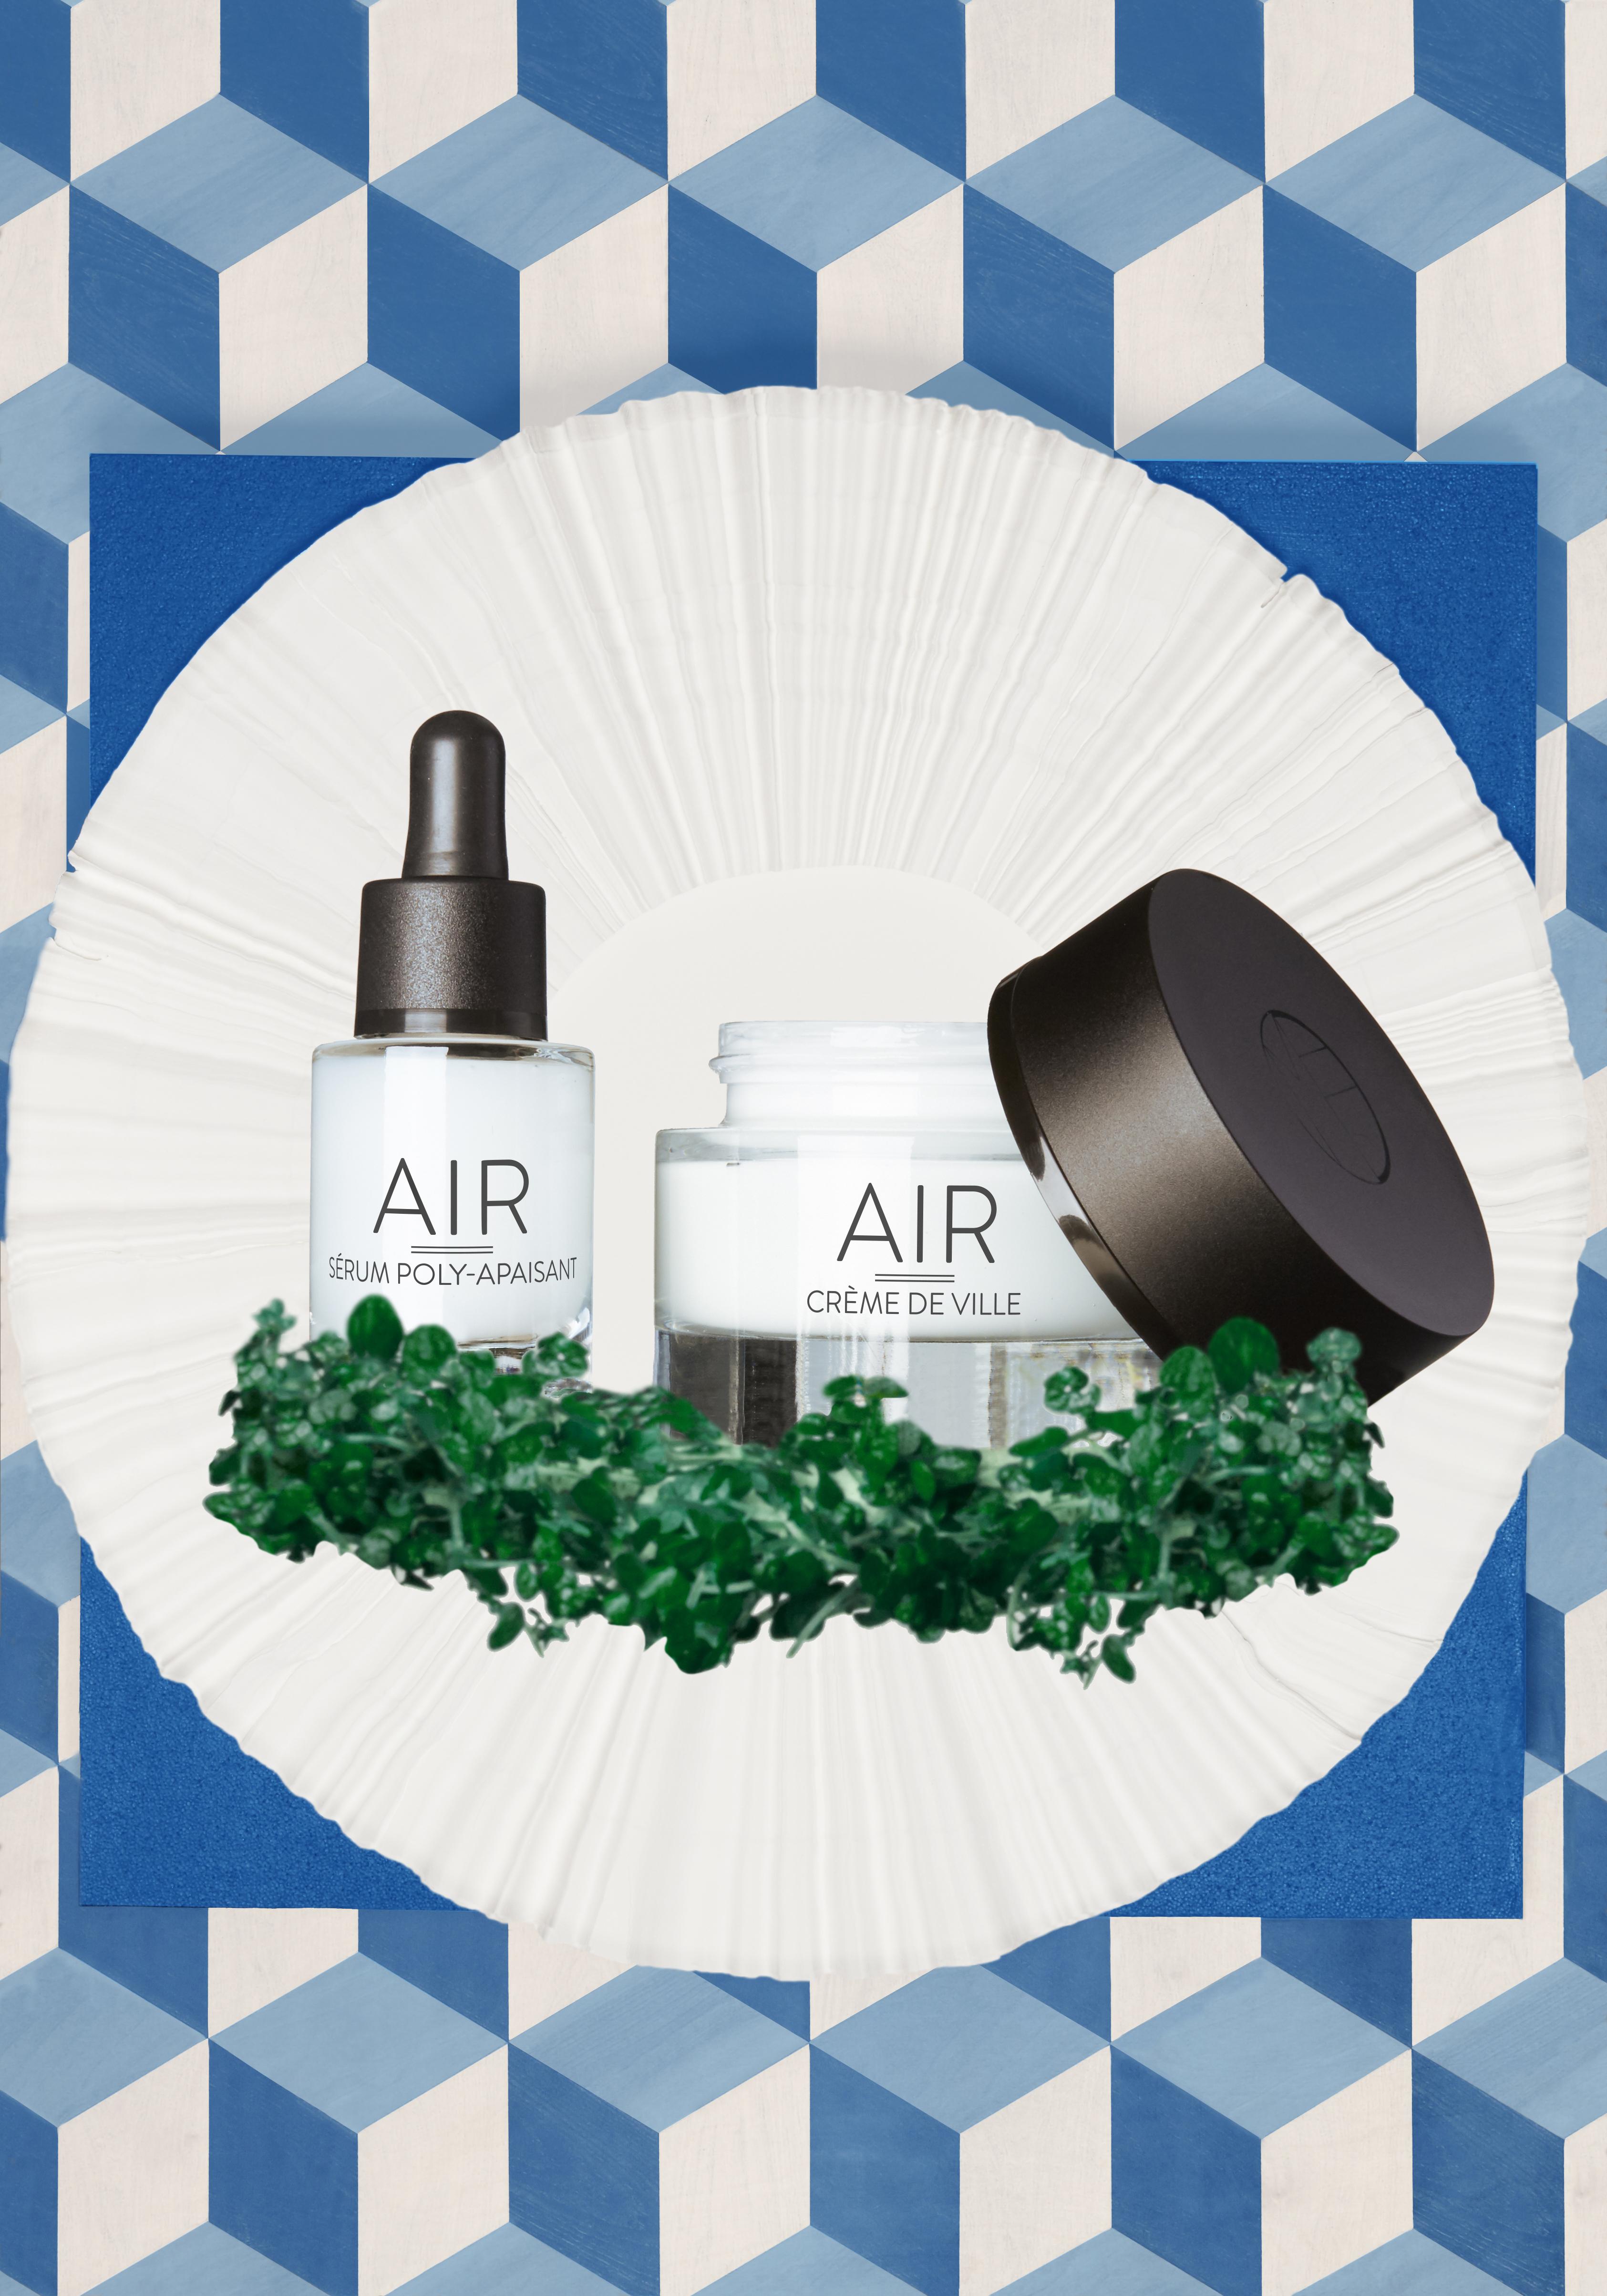 Maison Flamel soins rituels cosmetiques de luxe naturelle AIR - CREME ET SERUM